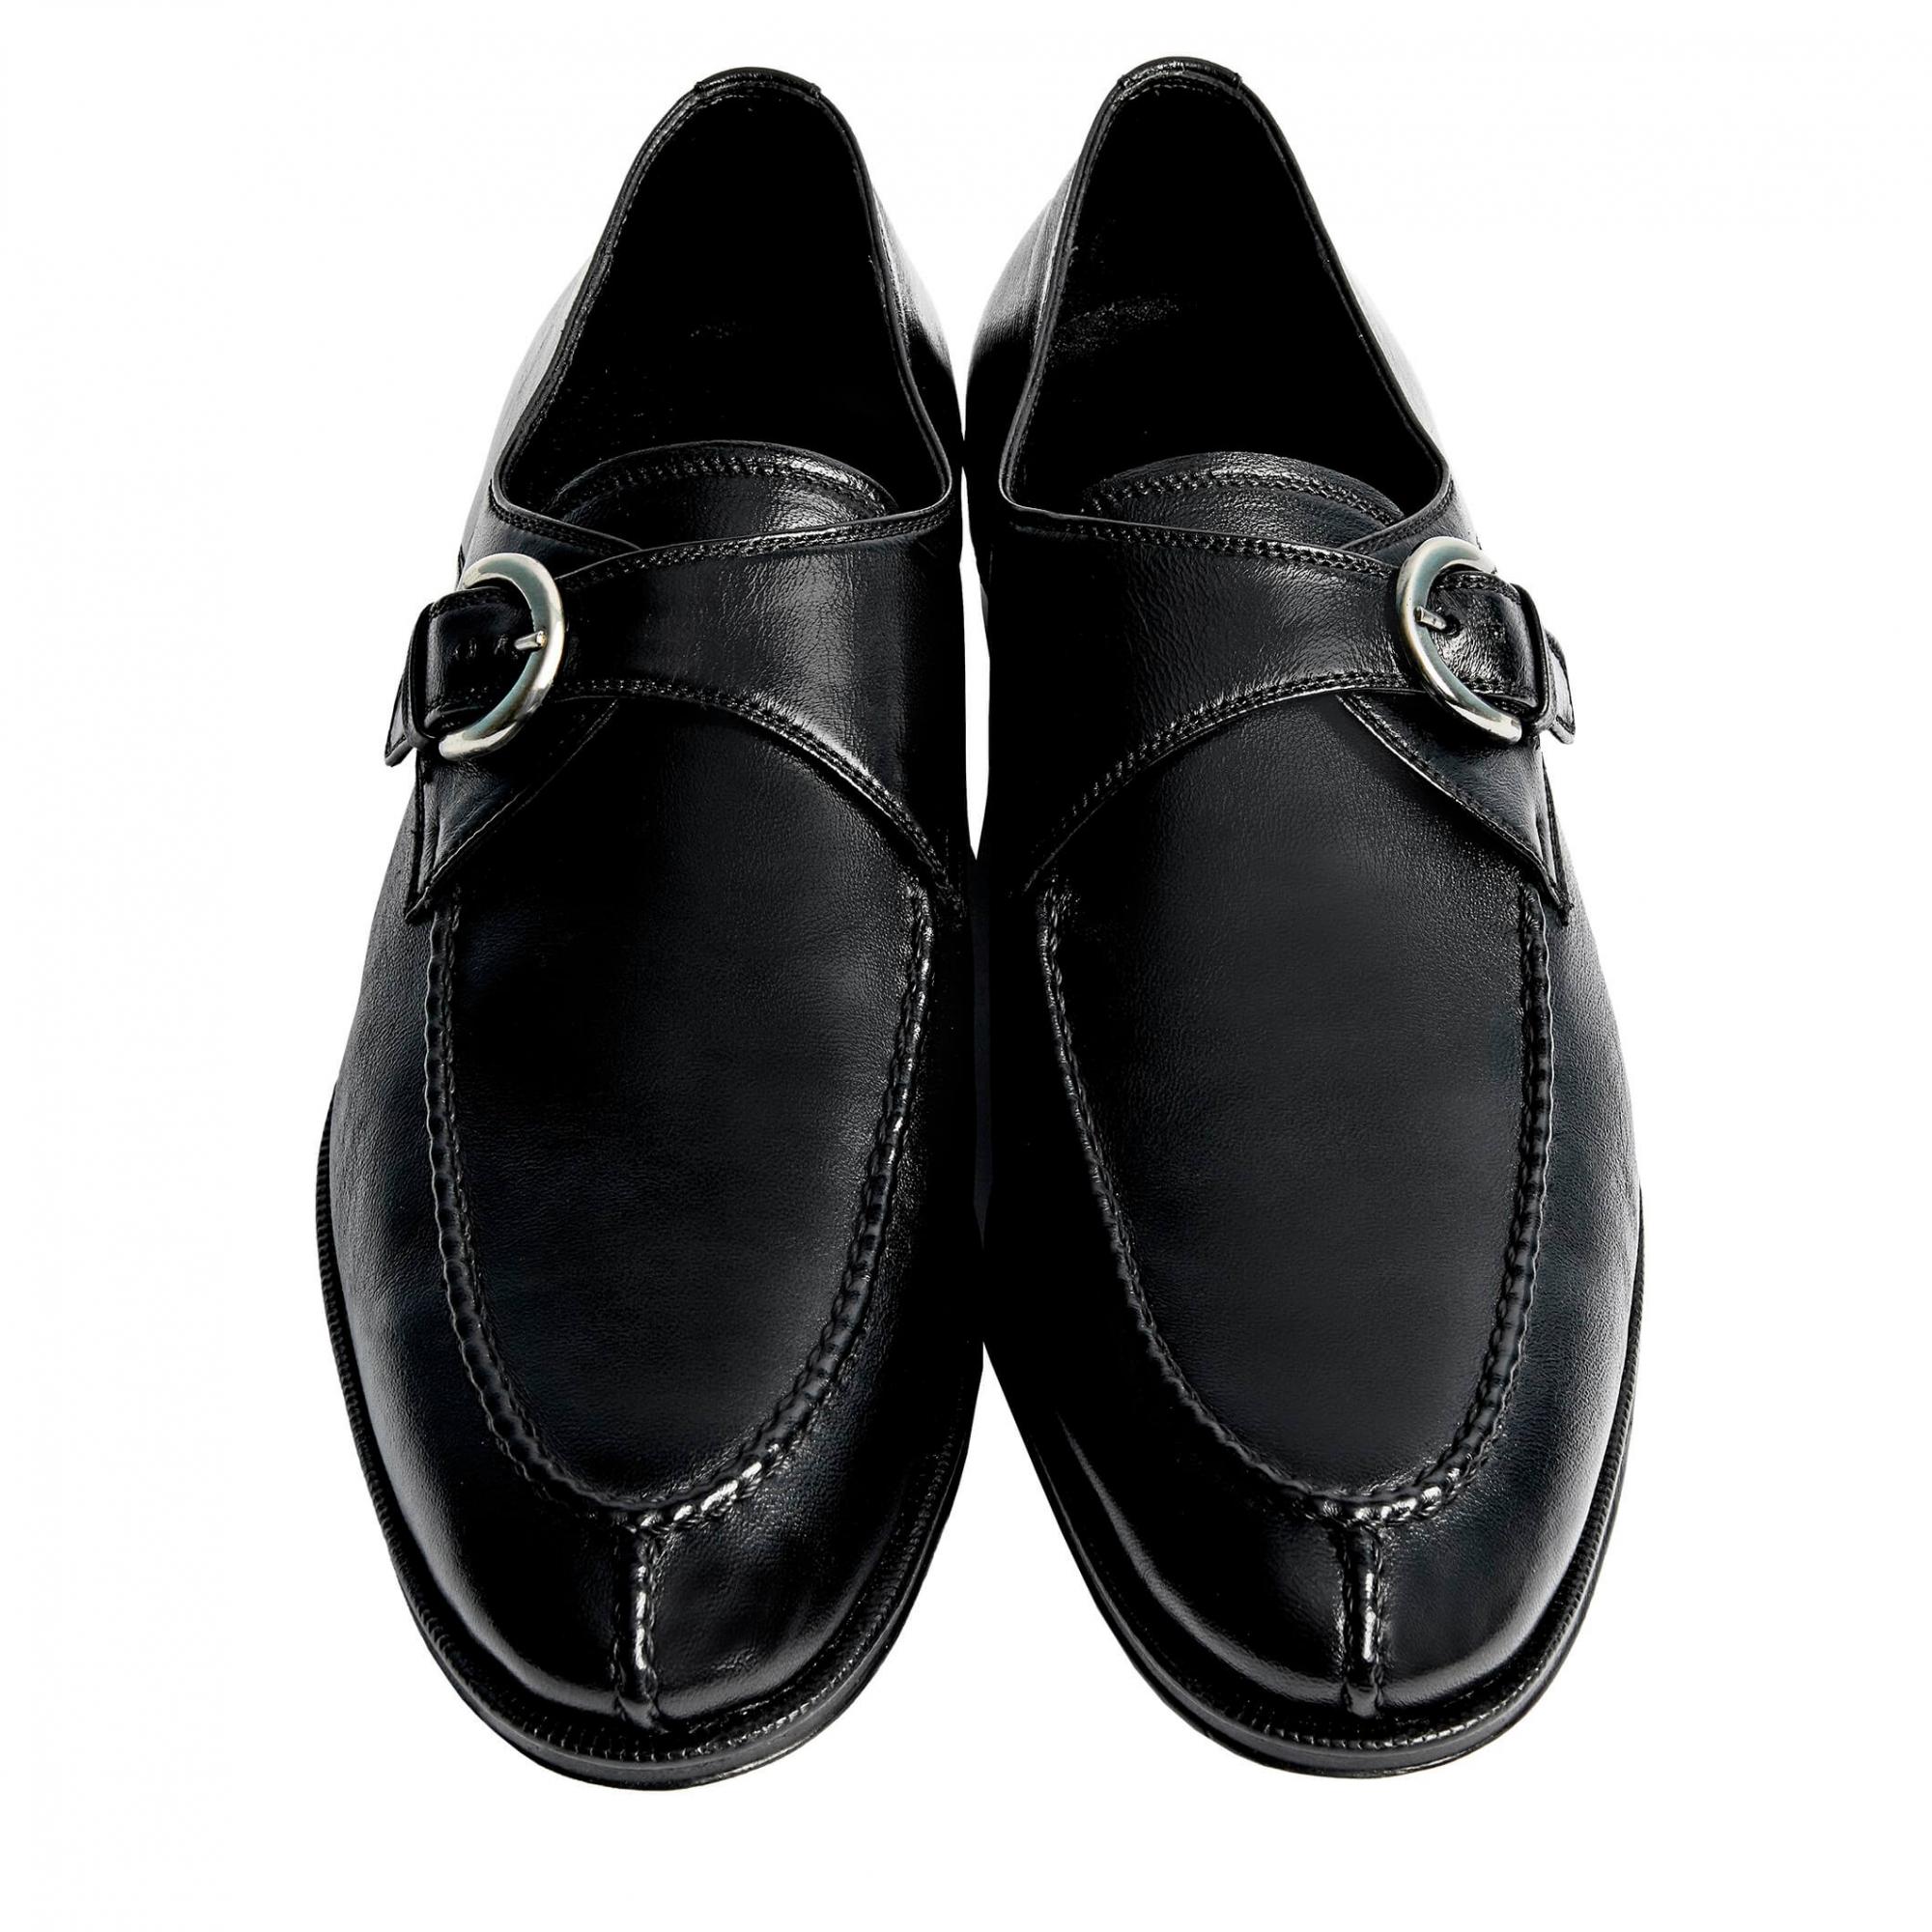 Sapato Masculino Social Monk cor Preto 6000MACPRE Santiago